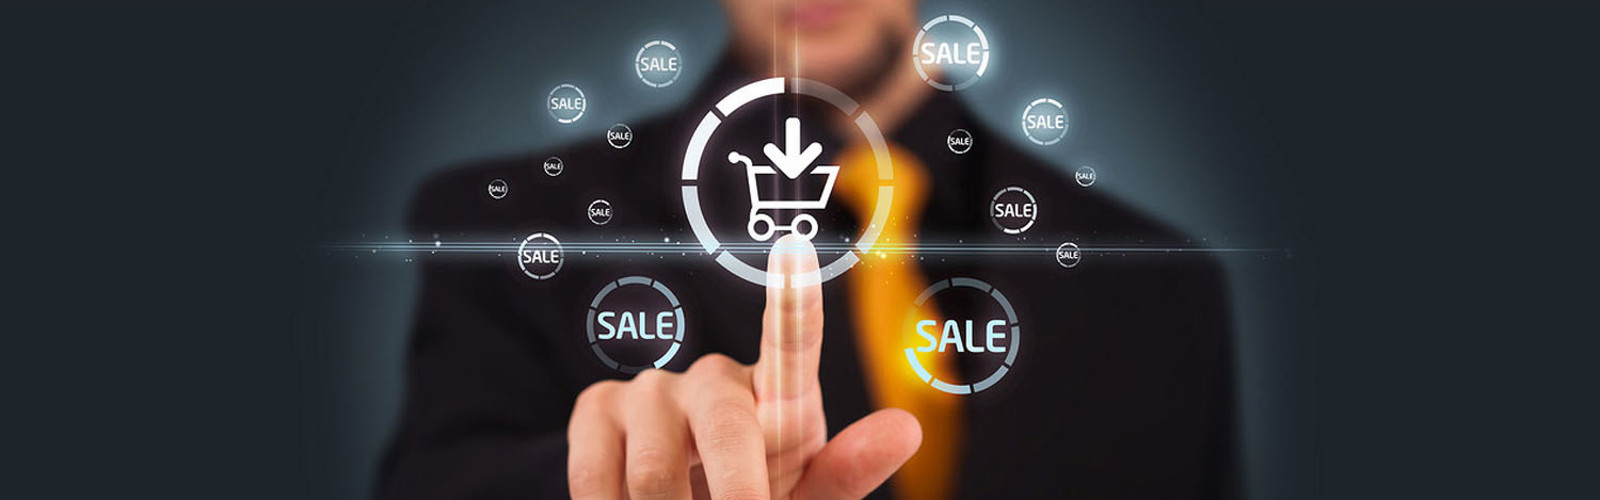 Wdrożenia sklepów internetowych